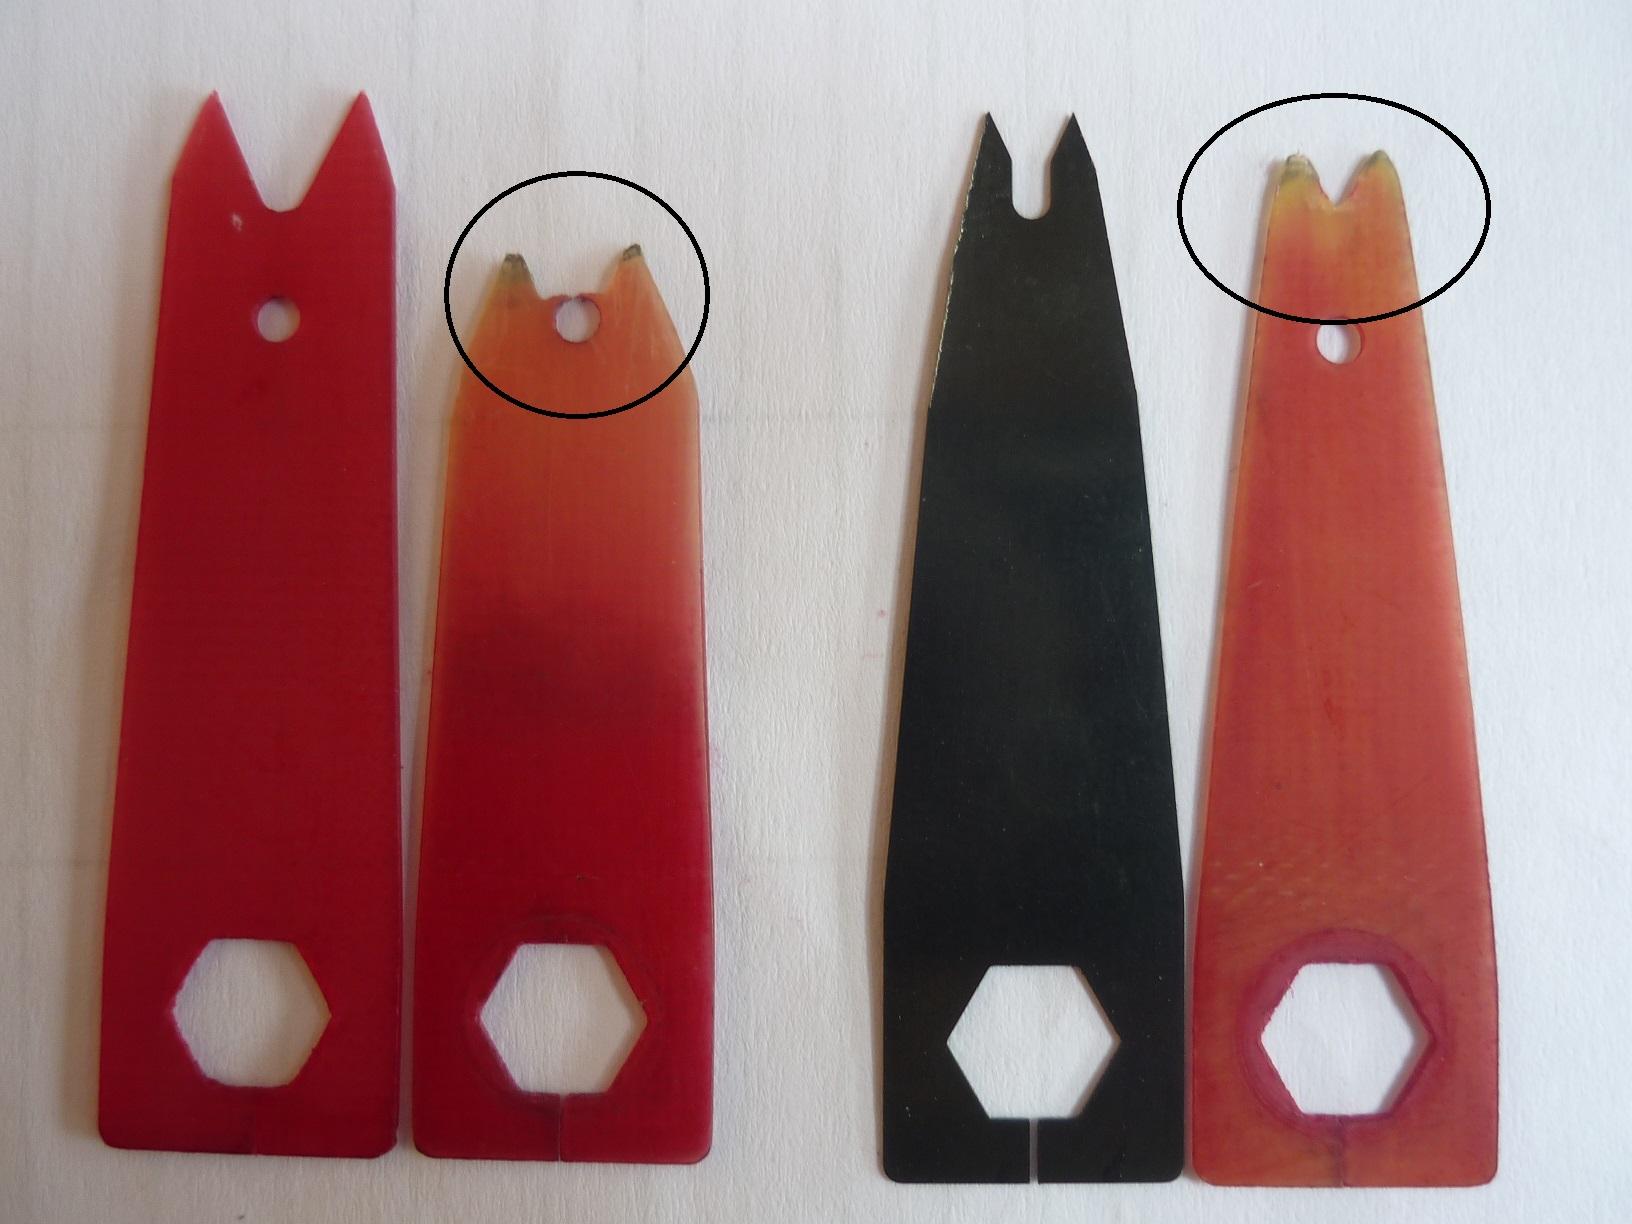 Les lames de repose-flèche - L'alternative Launchtec P1040610